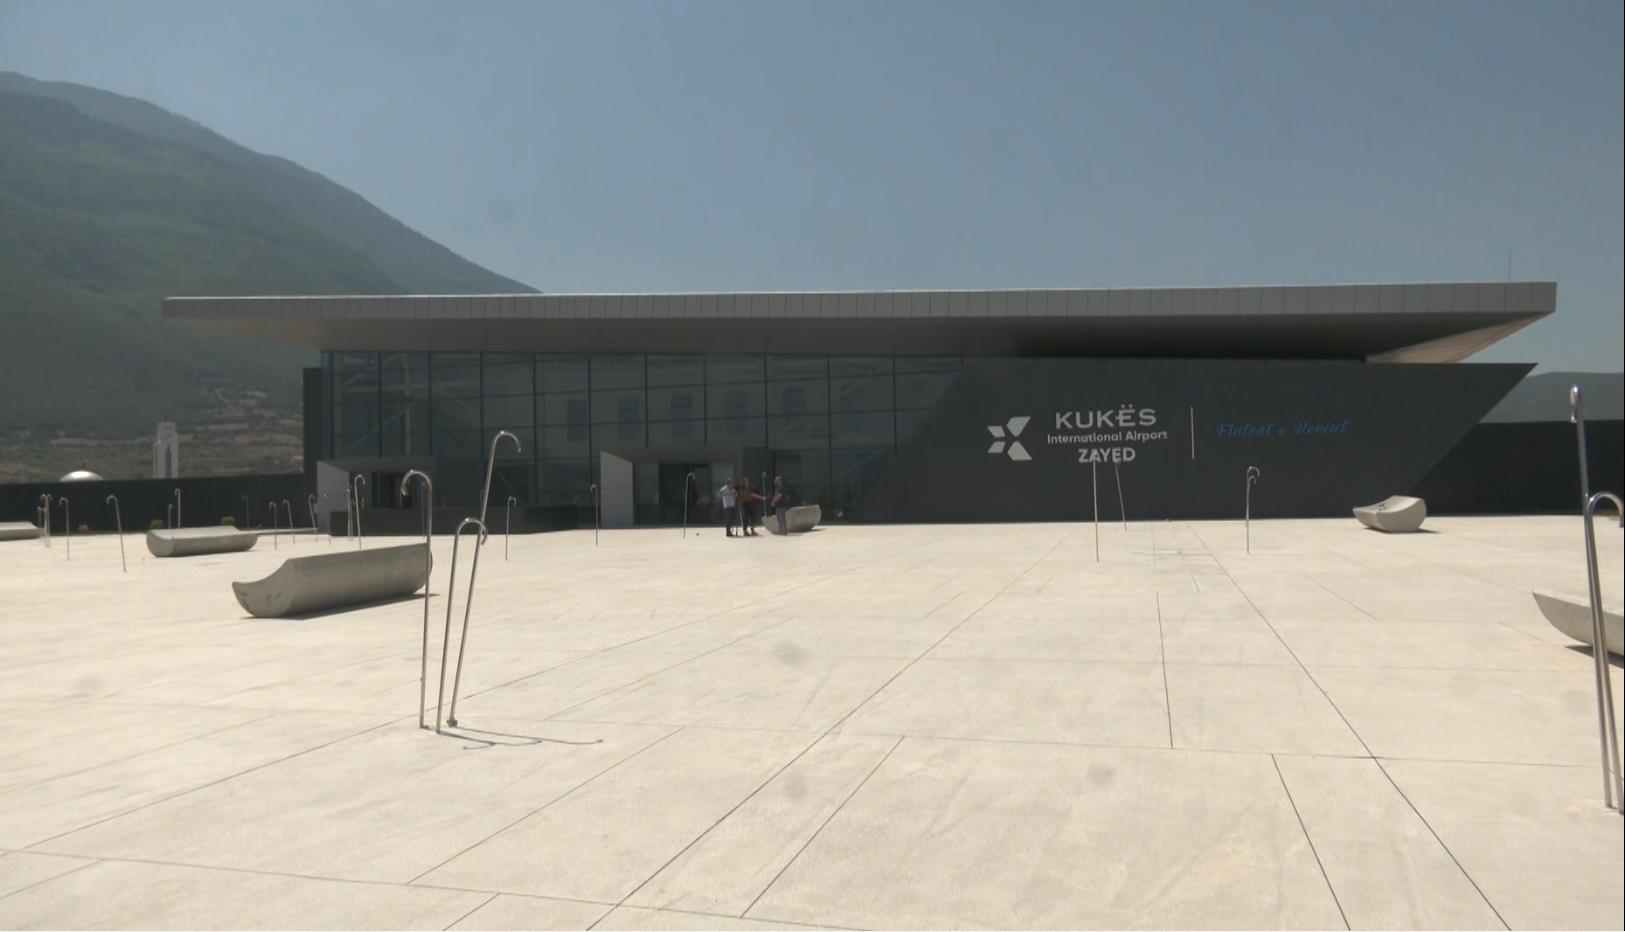 Udhëtim me kosto të ulët, aeroporti i Kukësit kthehet në zgjidhje për turistët e huaj e vendas